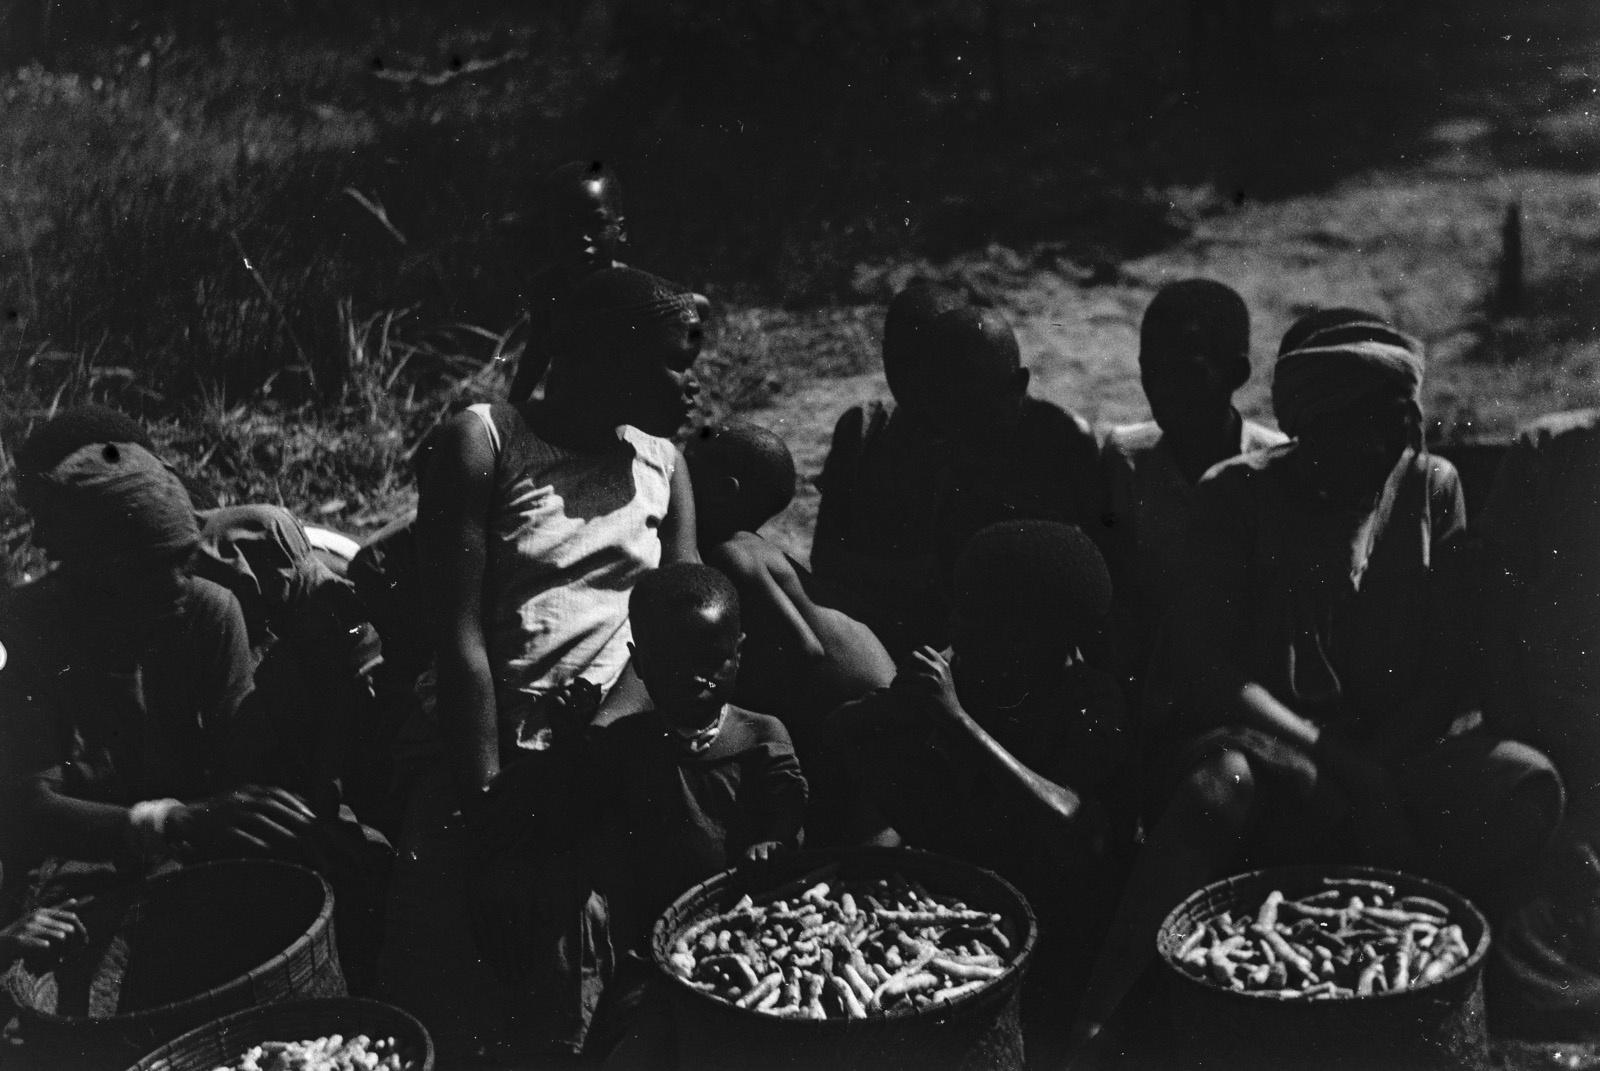 Между Капири Мпоши и рекой Лунсемфва. Жители деревни пытаются продать тыквыц и сладкий картофель..